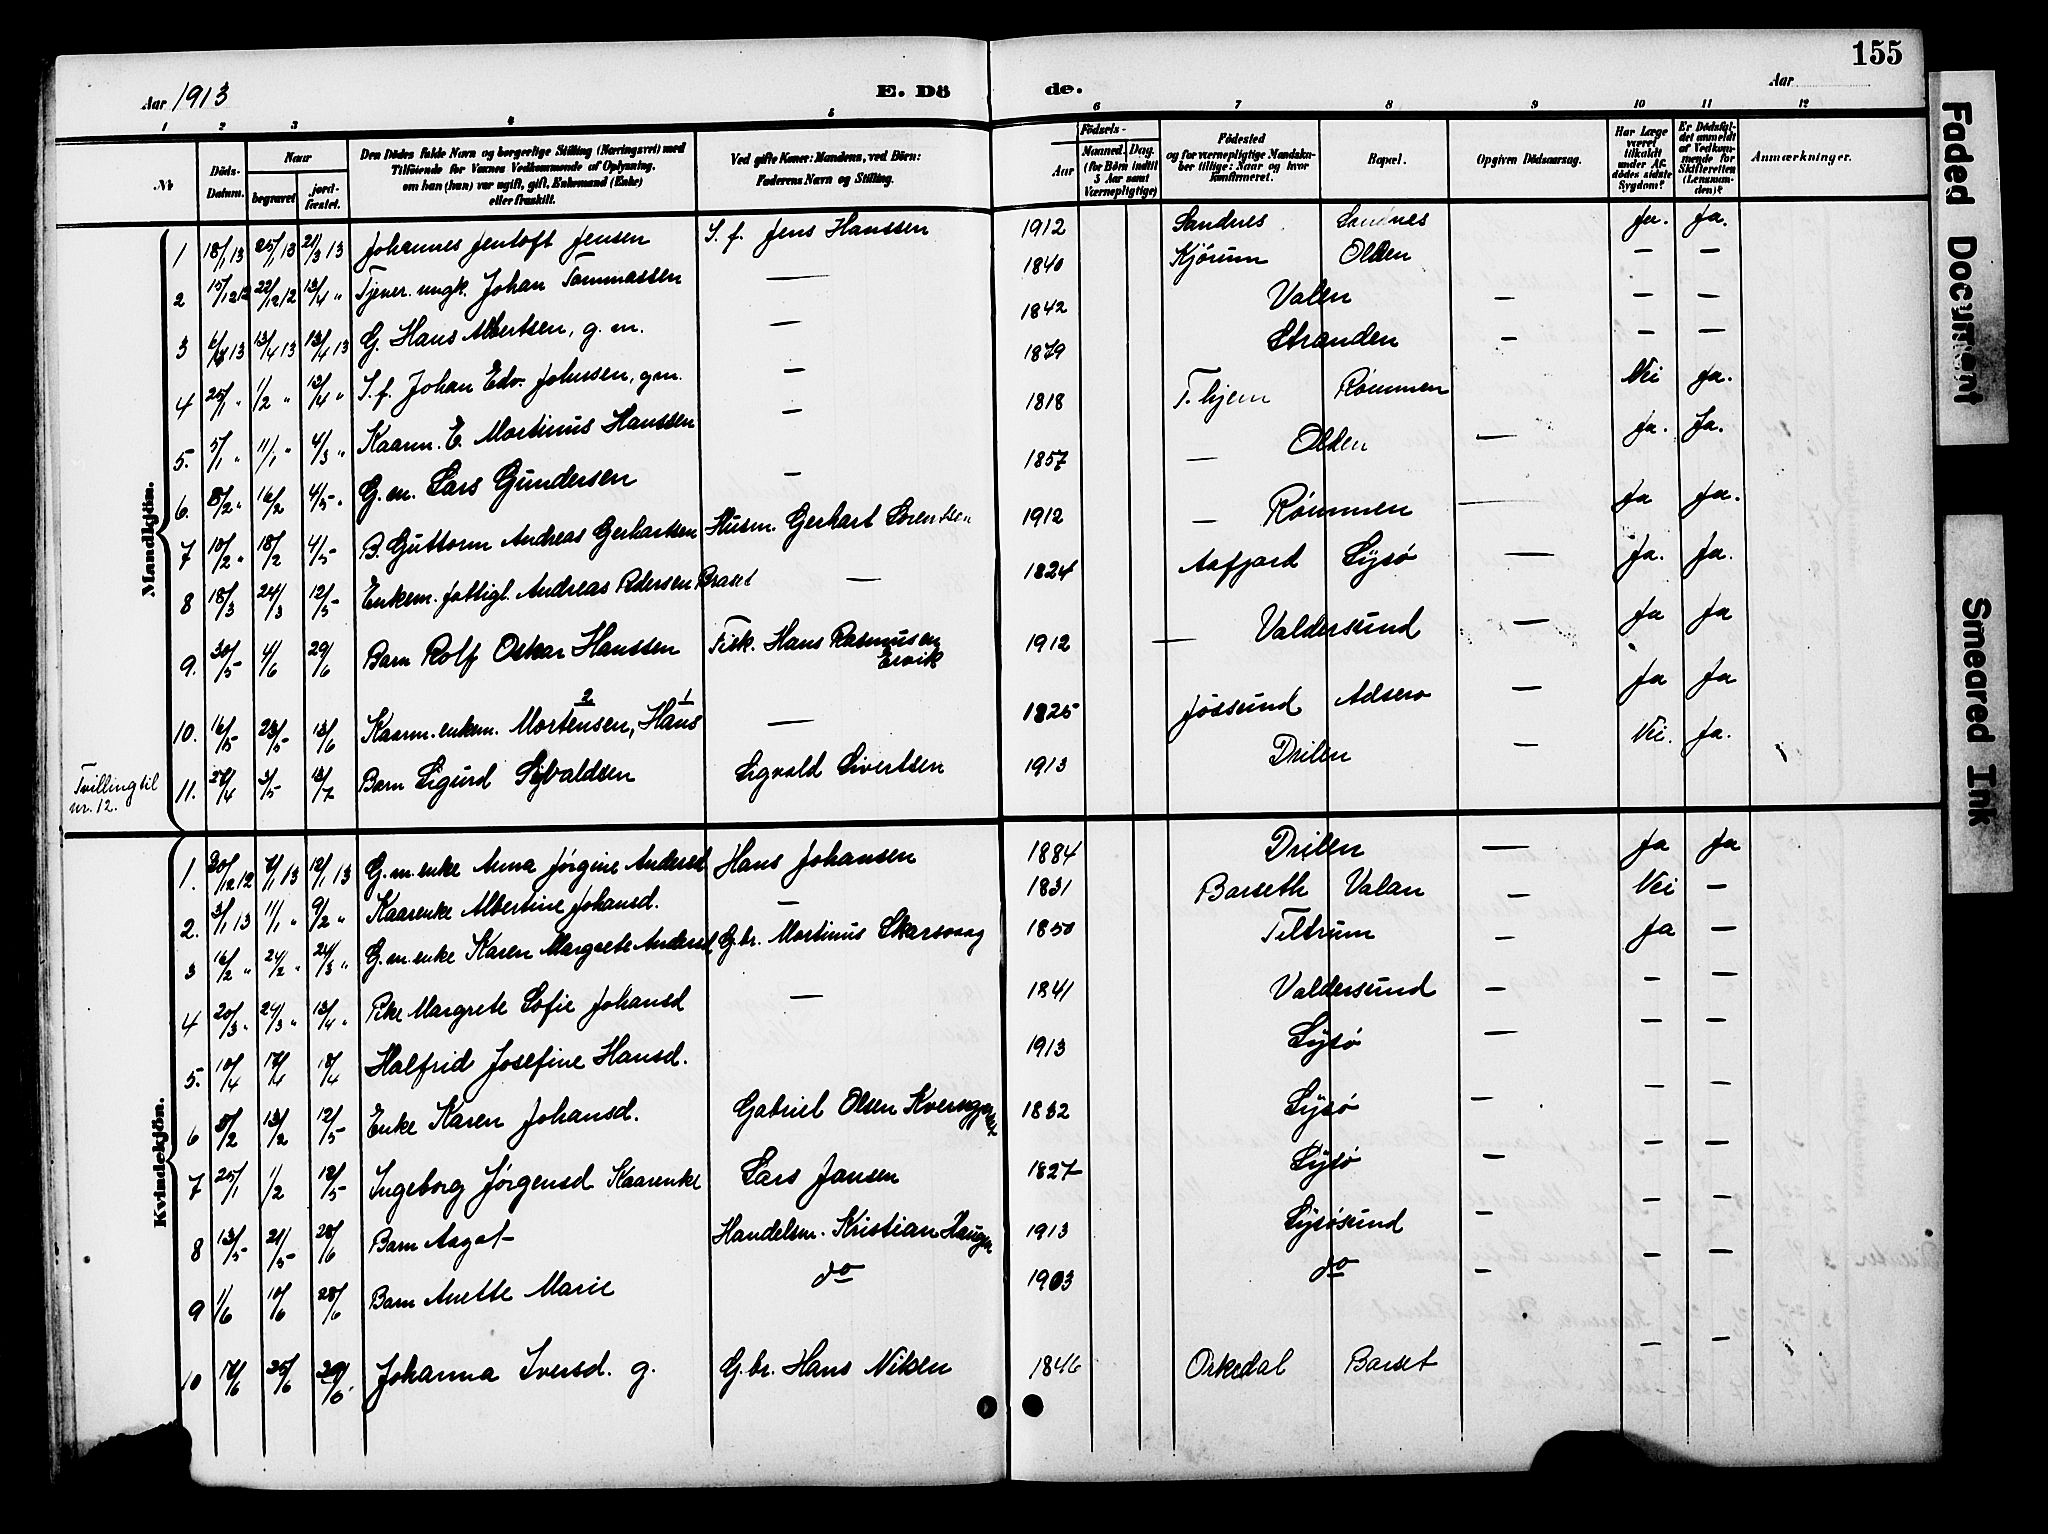 SAT, Ministerialprotokoller, klokkerbøker og fødselsregistre - Sør-Trøndelag, 654/L0666: Klokkerbok nr. 654C02, 1901-1925, s. 155